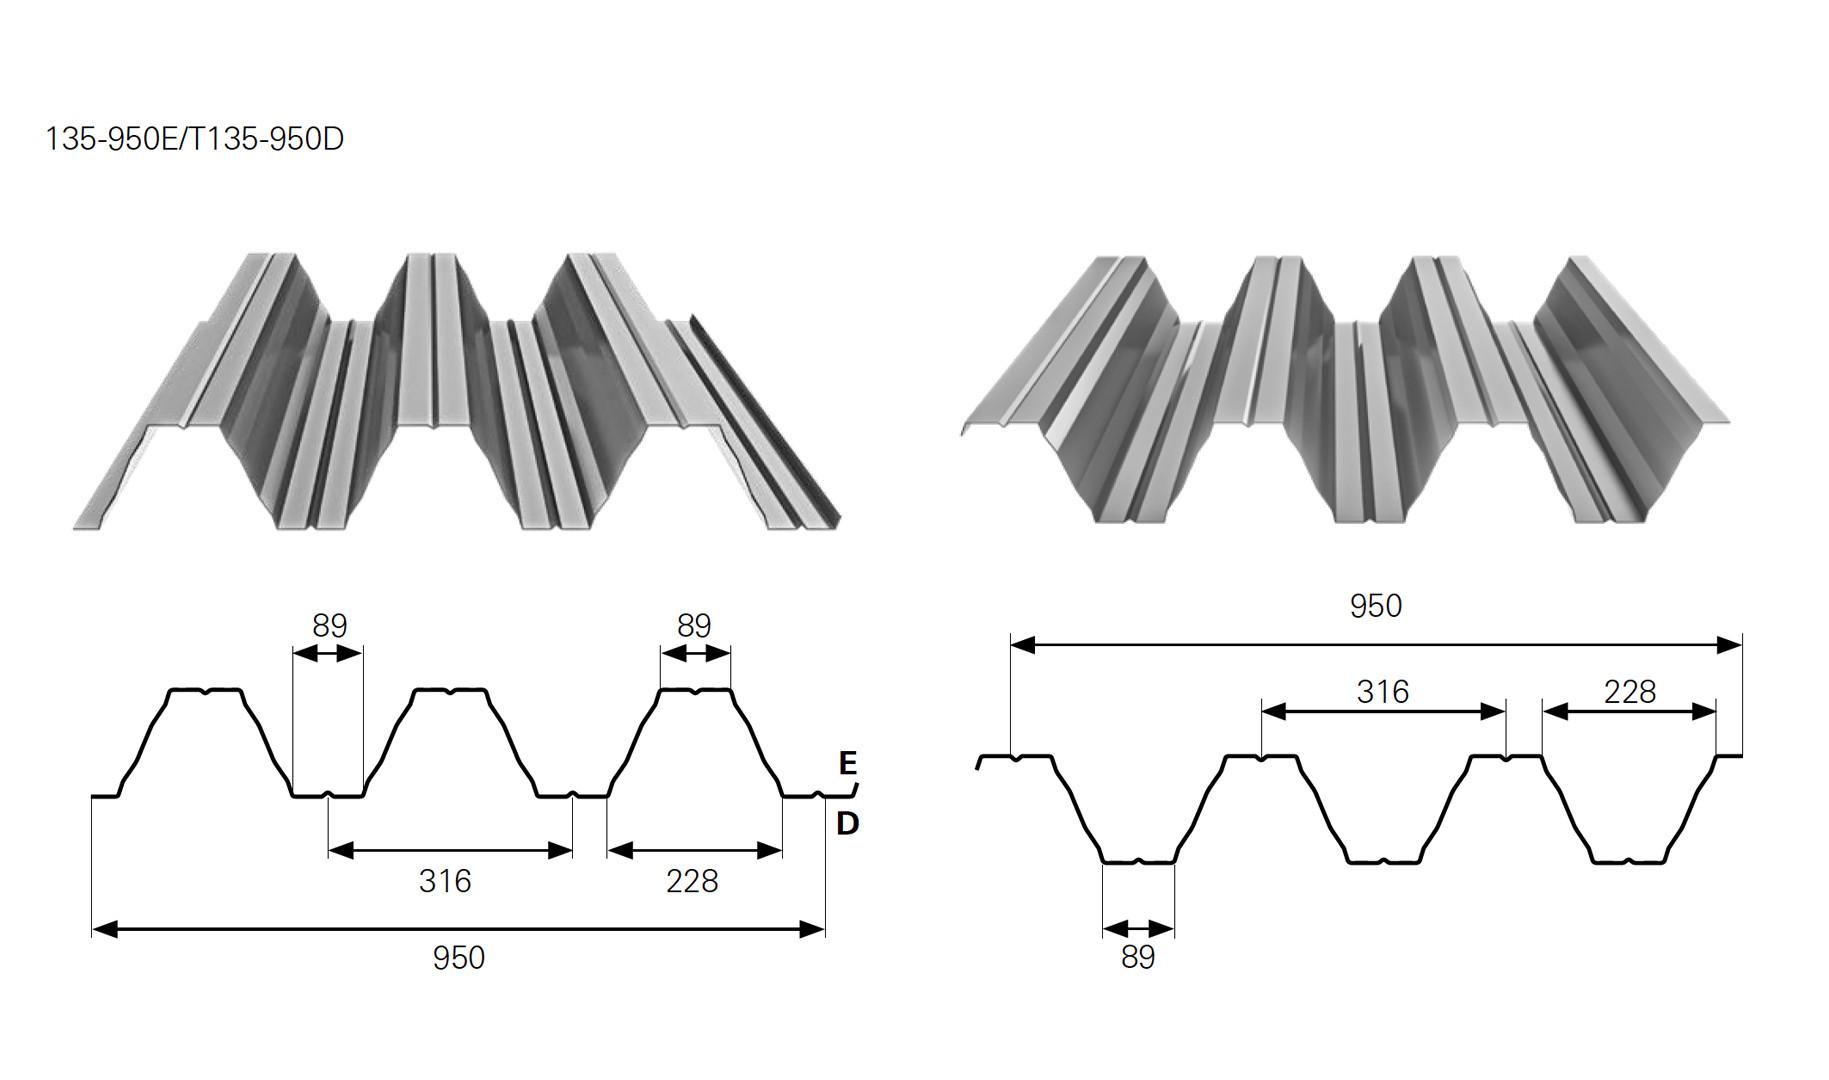 blacha trapezowa t135 specyfikacja